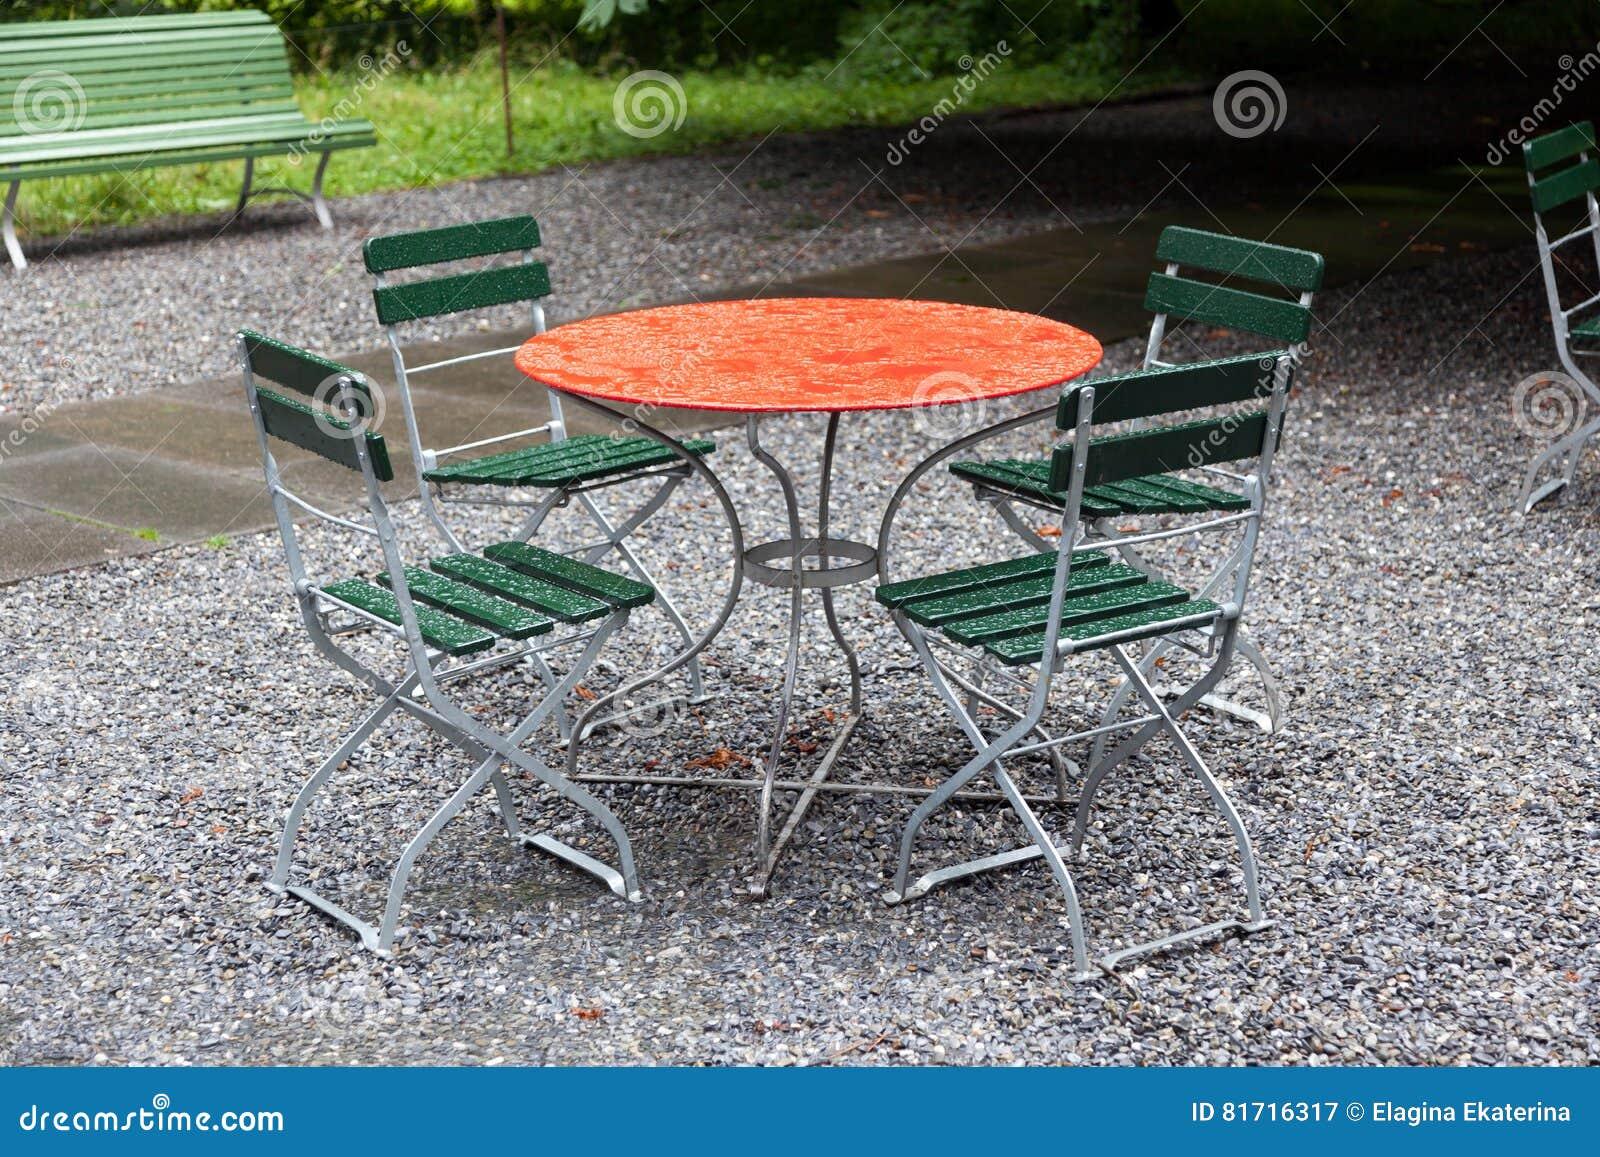 Roter Rundtisch Mit Stühlen Draußen Am Regentag Stockbild - Bild von ...